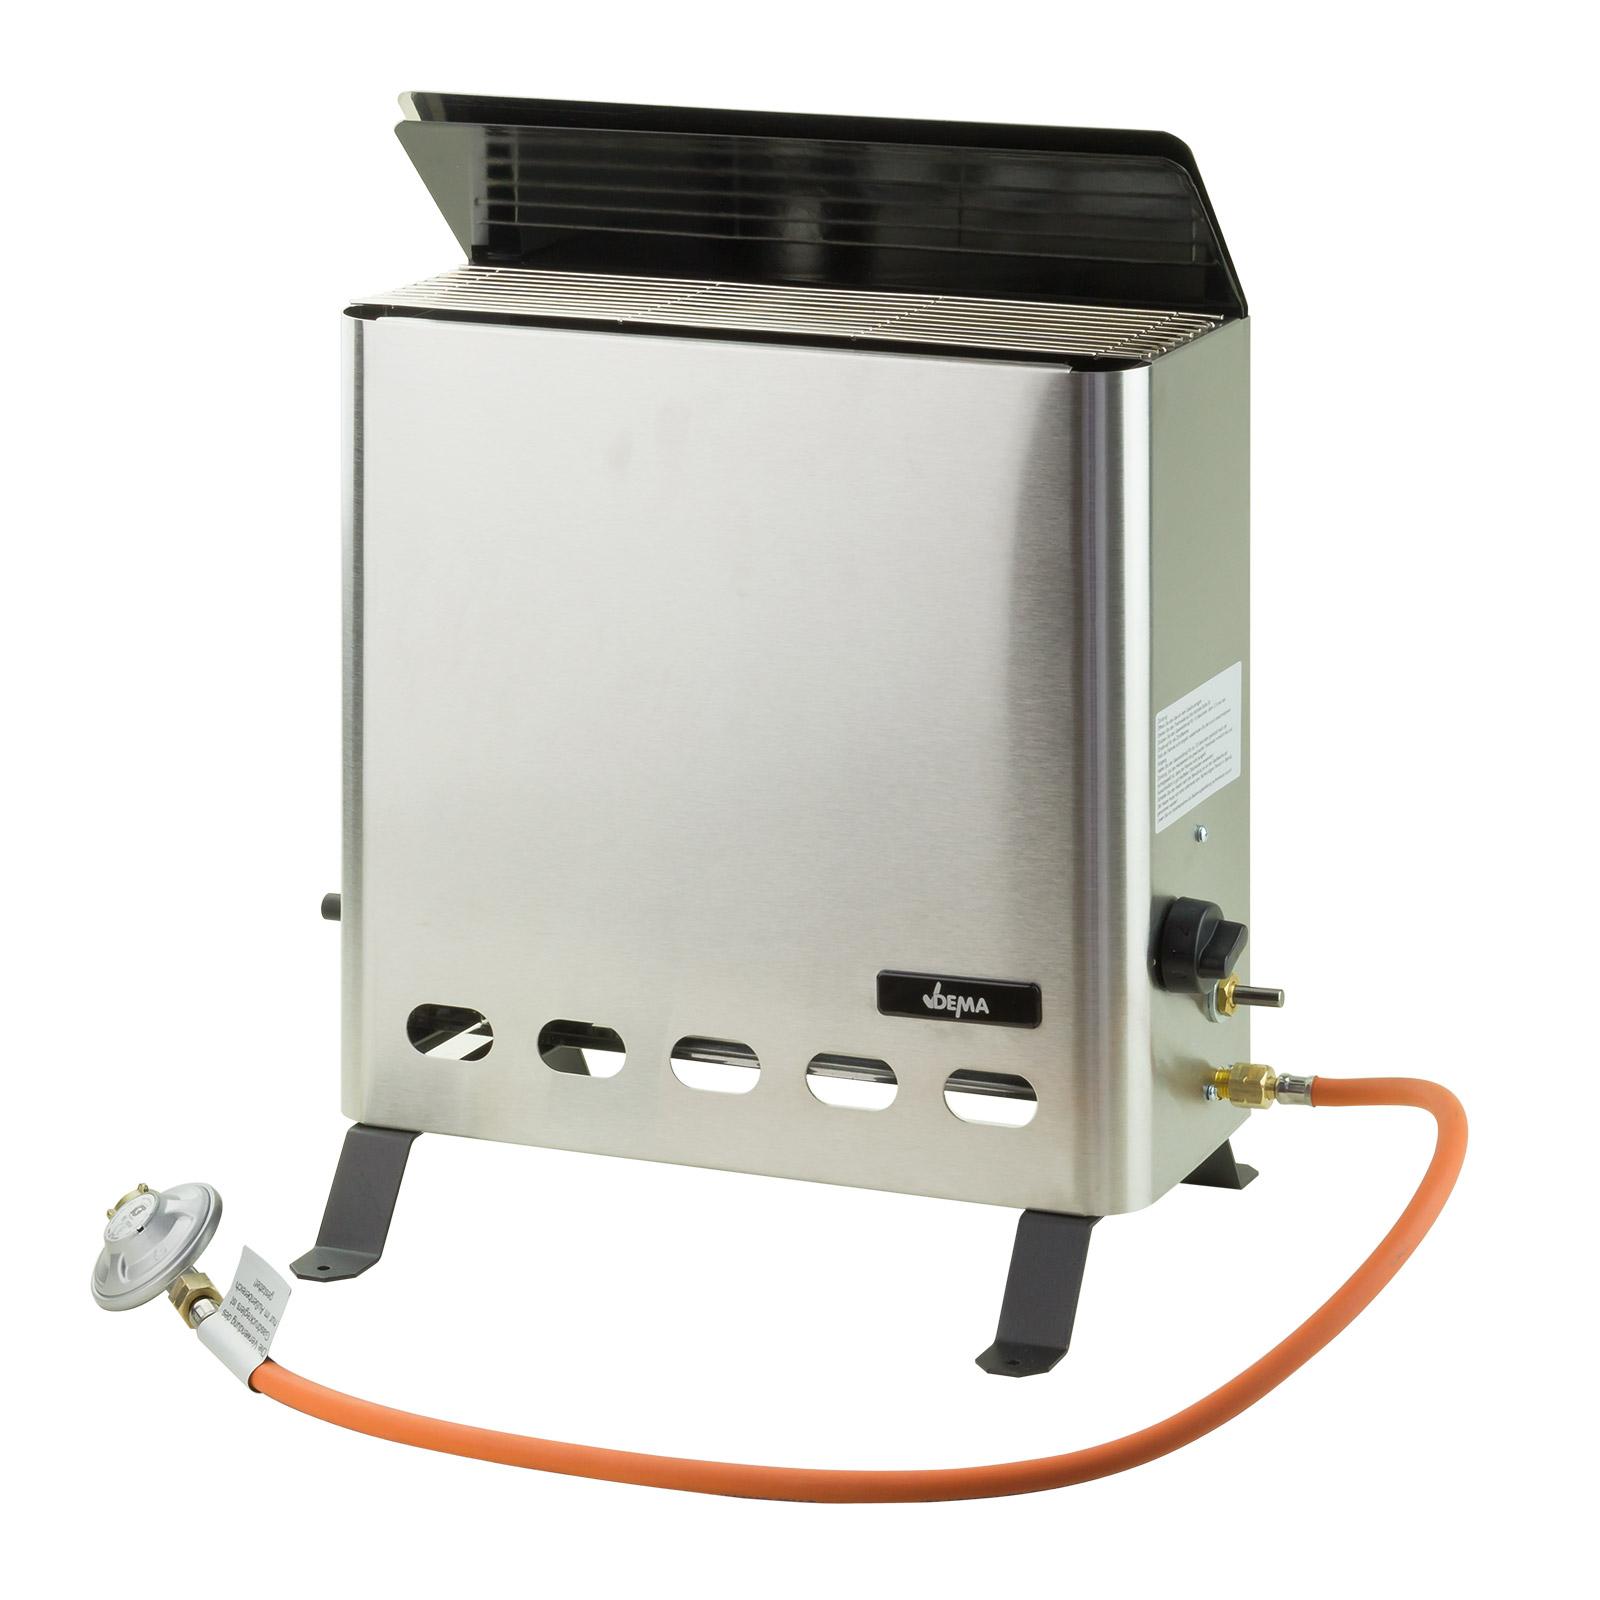 Dema Gas Gewächshausheizung Gewächshausheizer Gasheizung 4,2 kW 60898